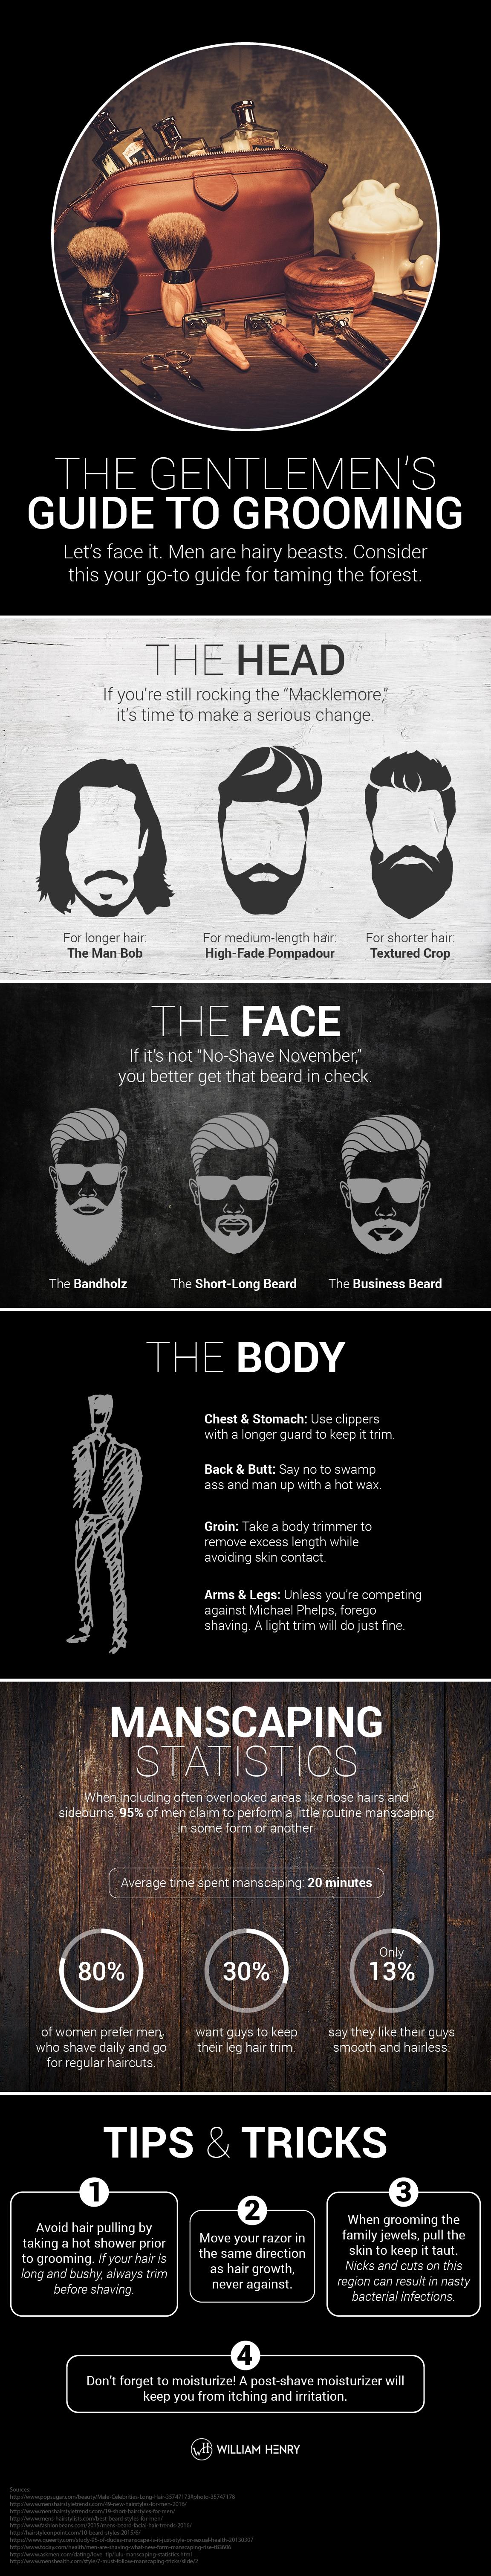 Gentlemen's Guide to Grooming infographic